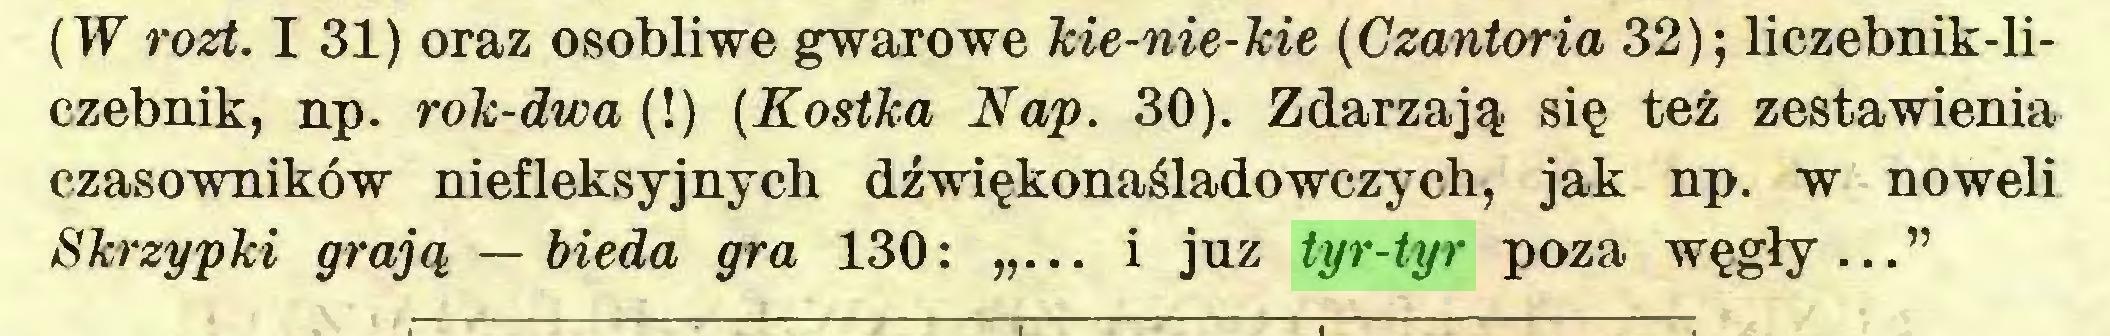 """(...) (W rozt. I 31) oraz osobliwe gwarowe kie-nie-kie (Czantoria 32); liczebnik-liczebnik, np. rok-dwa (!) (Kostka Nap. 30). Zdarzają się też zestawienia czasowników niefleksyjnych dźwiękonaśladowczych, jak np. w noweli Skrzypki grają — bieda gra 130: """"... i juz tyr-tyr poza węgły...""""..."""